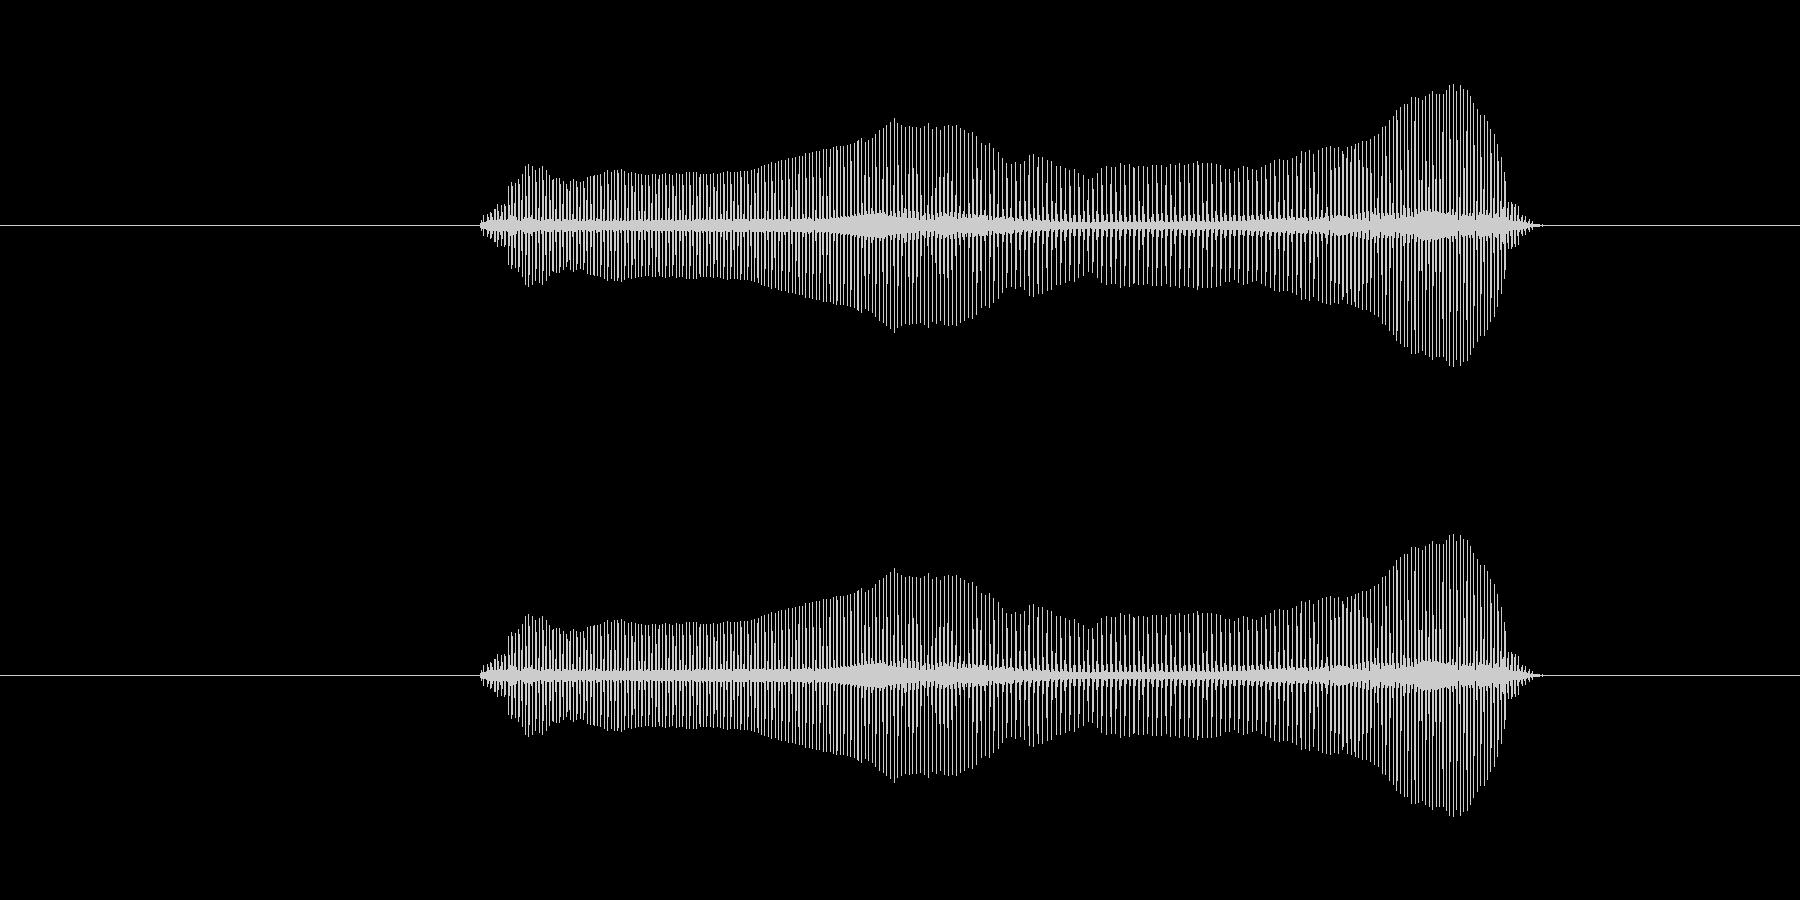 トロンボーンあるあるフレーズBPM200の未再生の波形